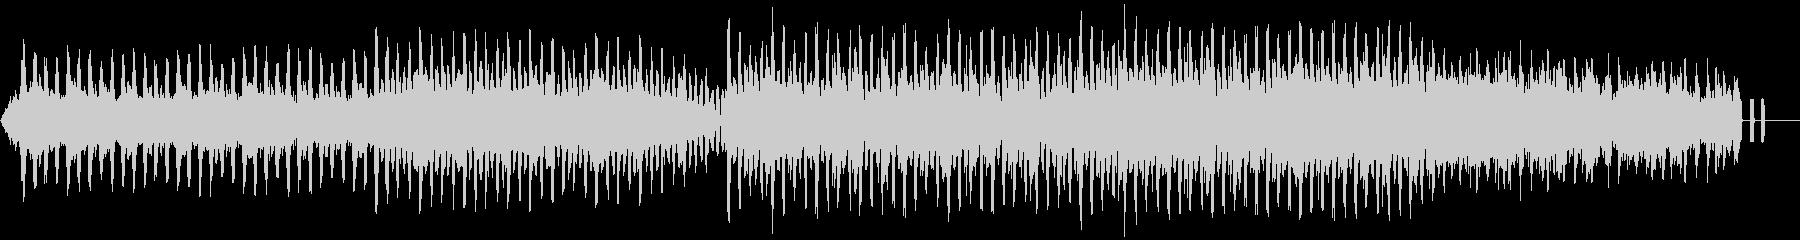 熱く切ないピアノが印象的のBGMの未再生の波形